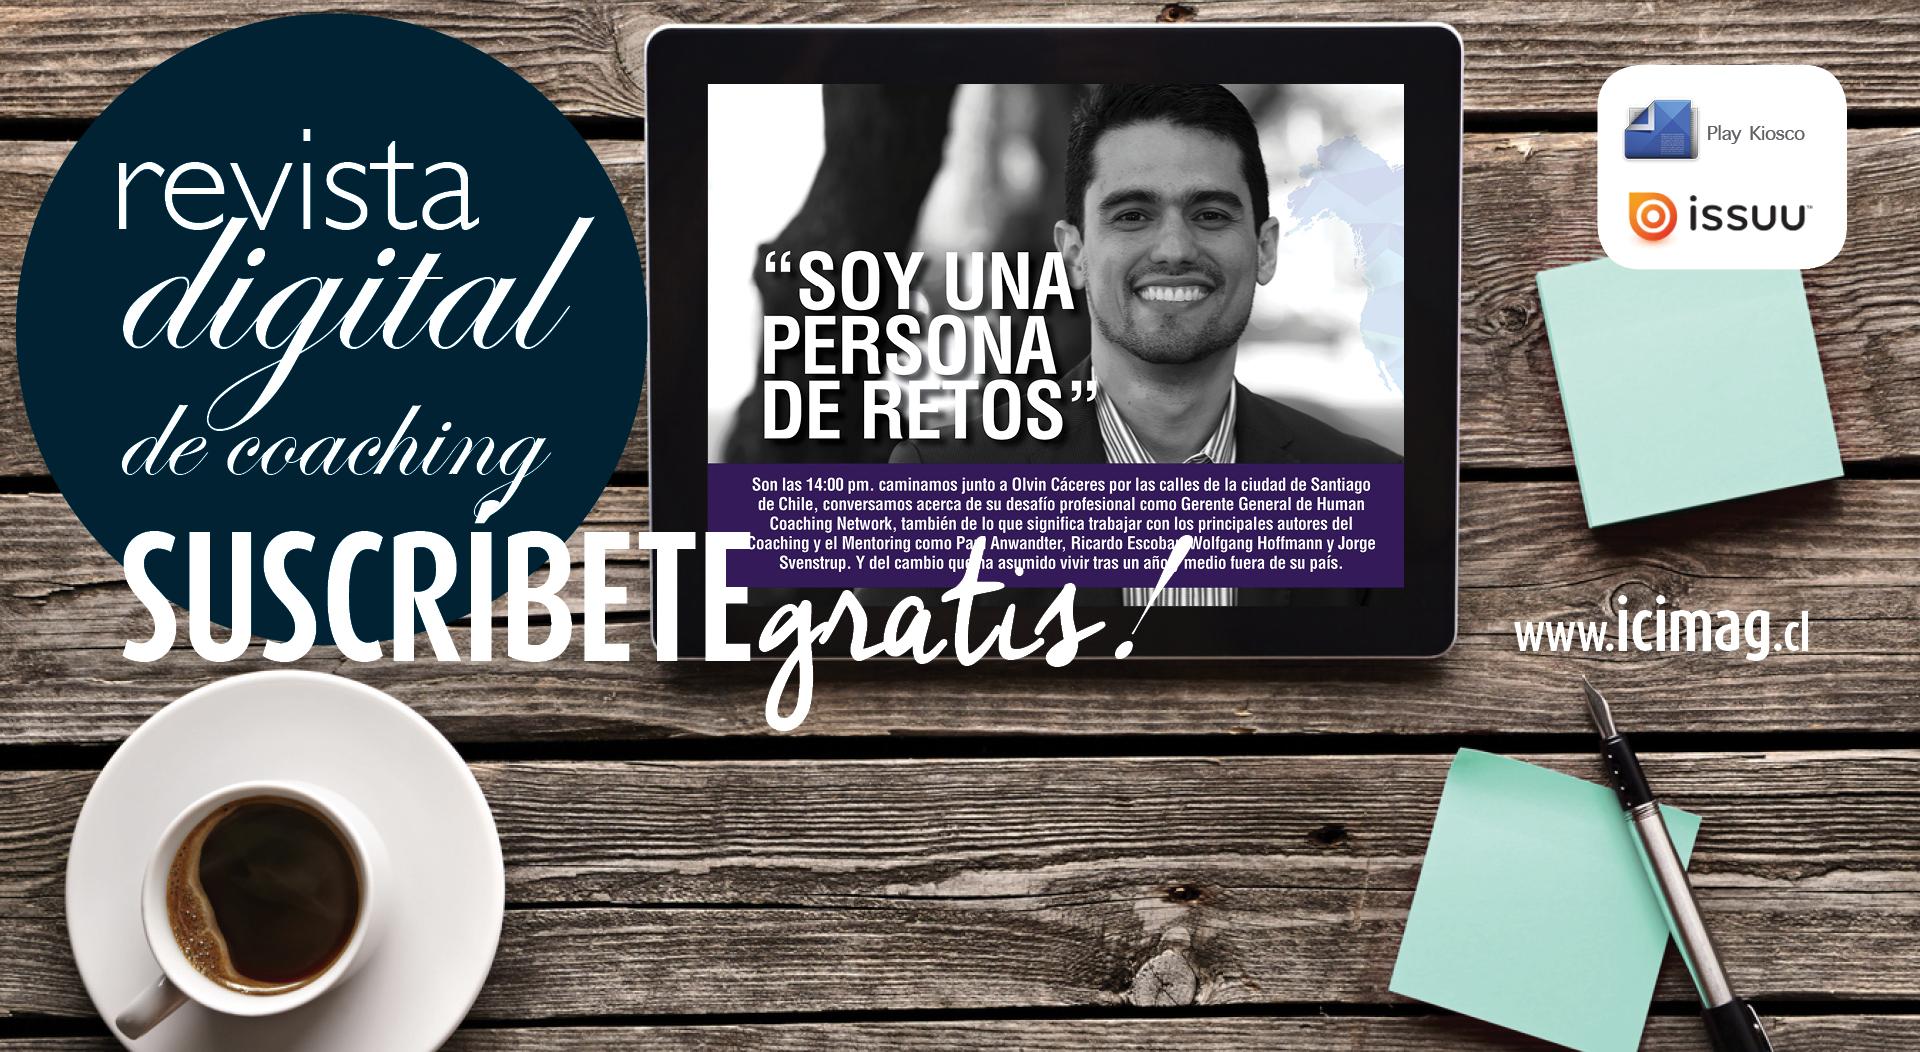 Campaña revista digital Icimag